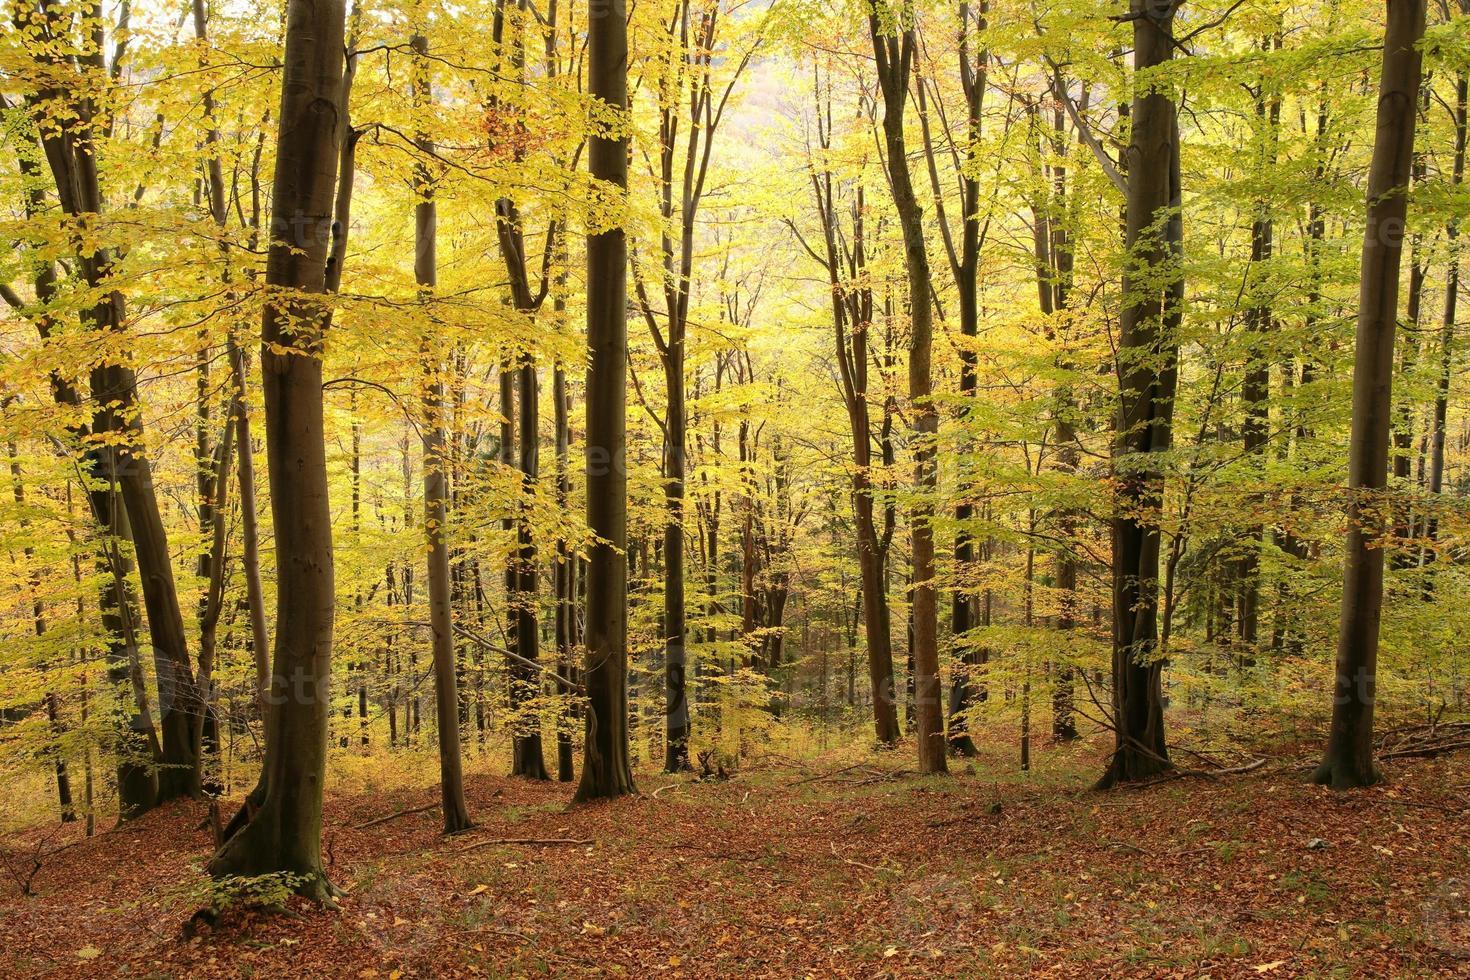 floresta outonal de faias foto